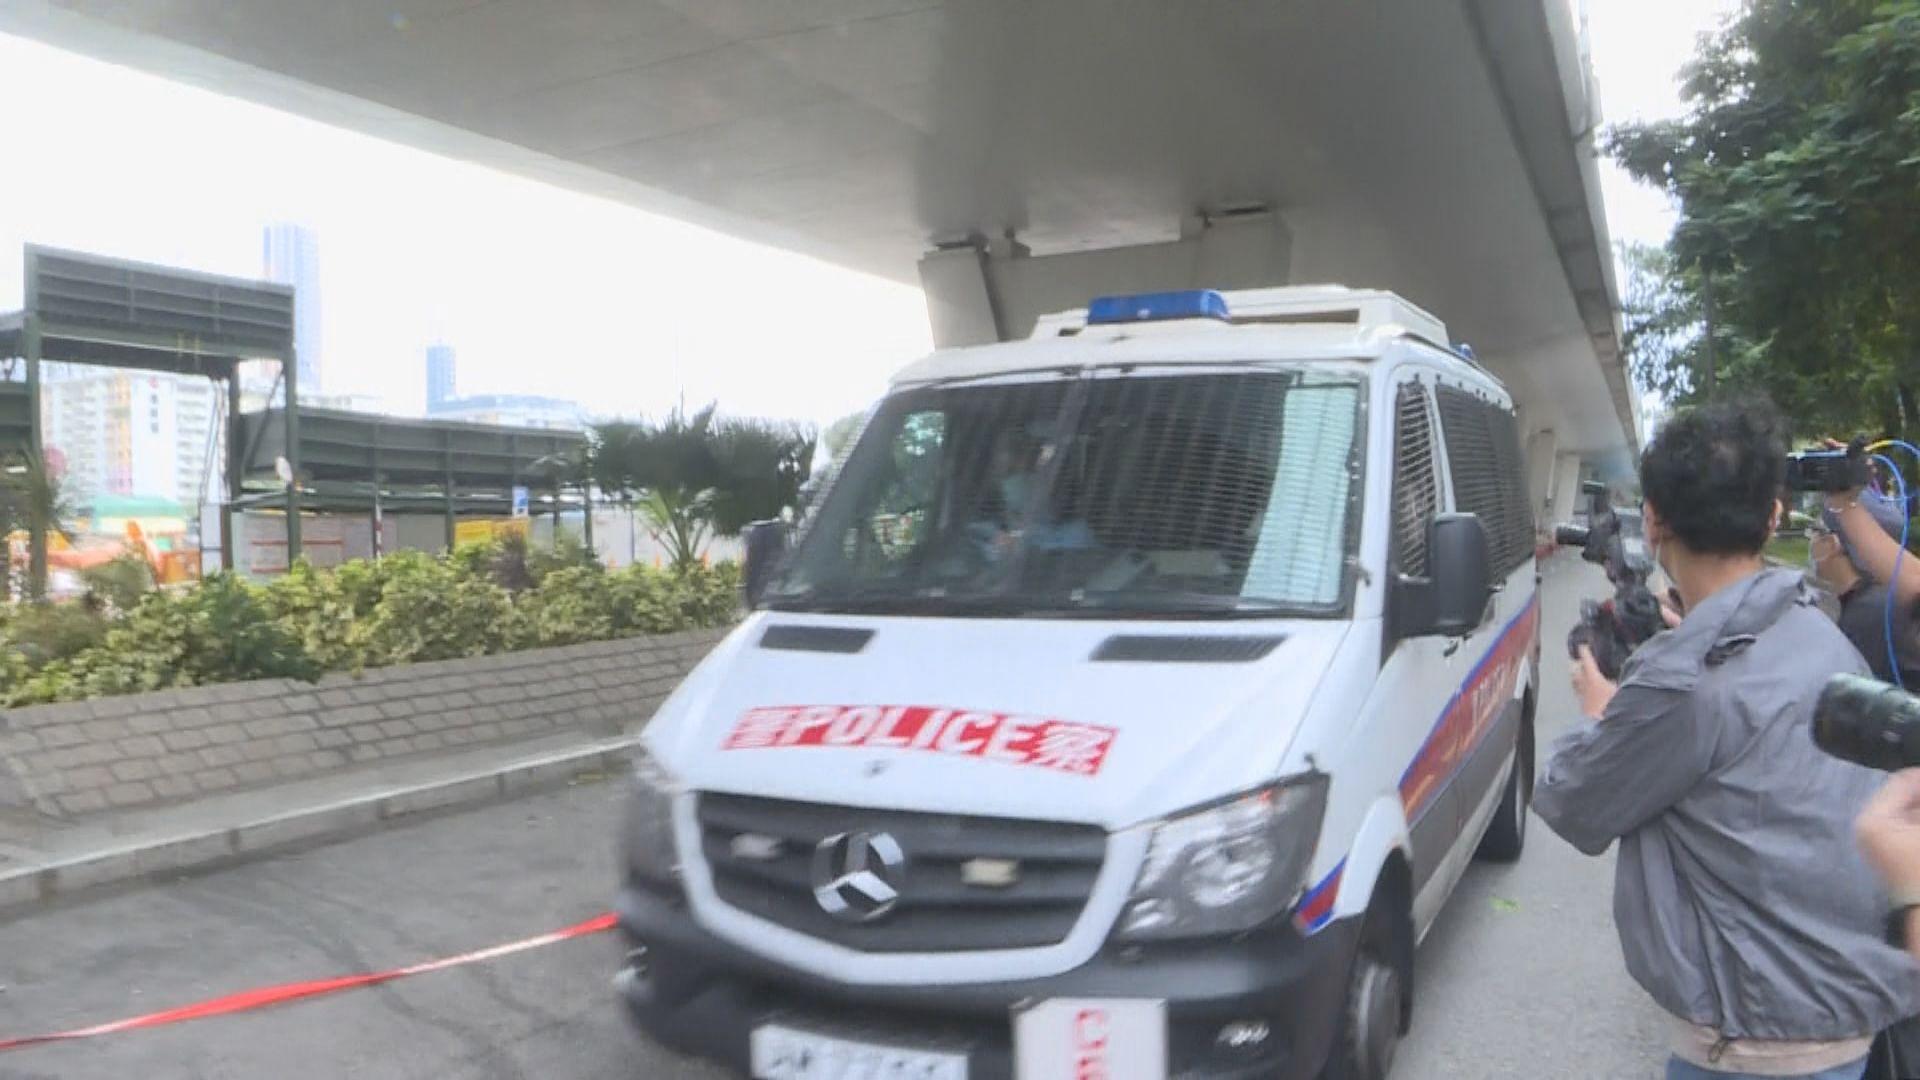 鍾翰林涉違國安法分裂國家 保釋申請被拒還柙候審